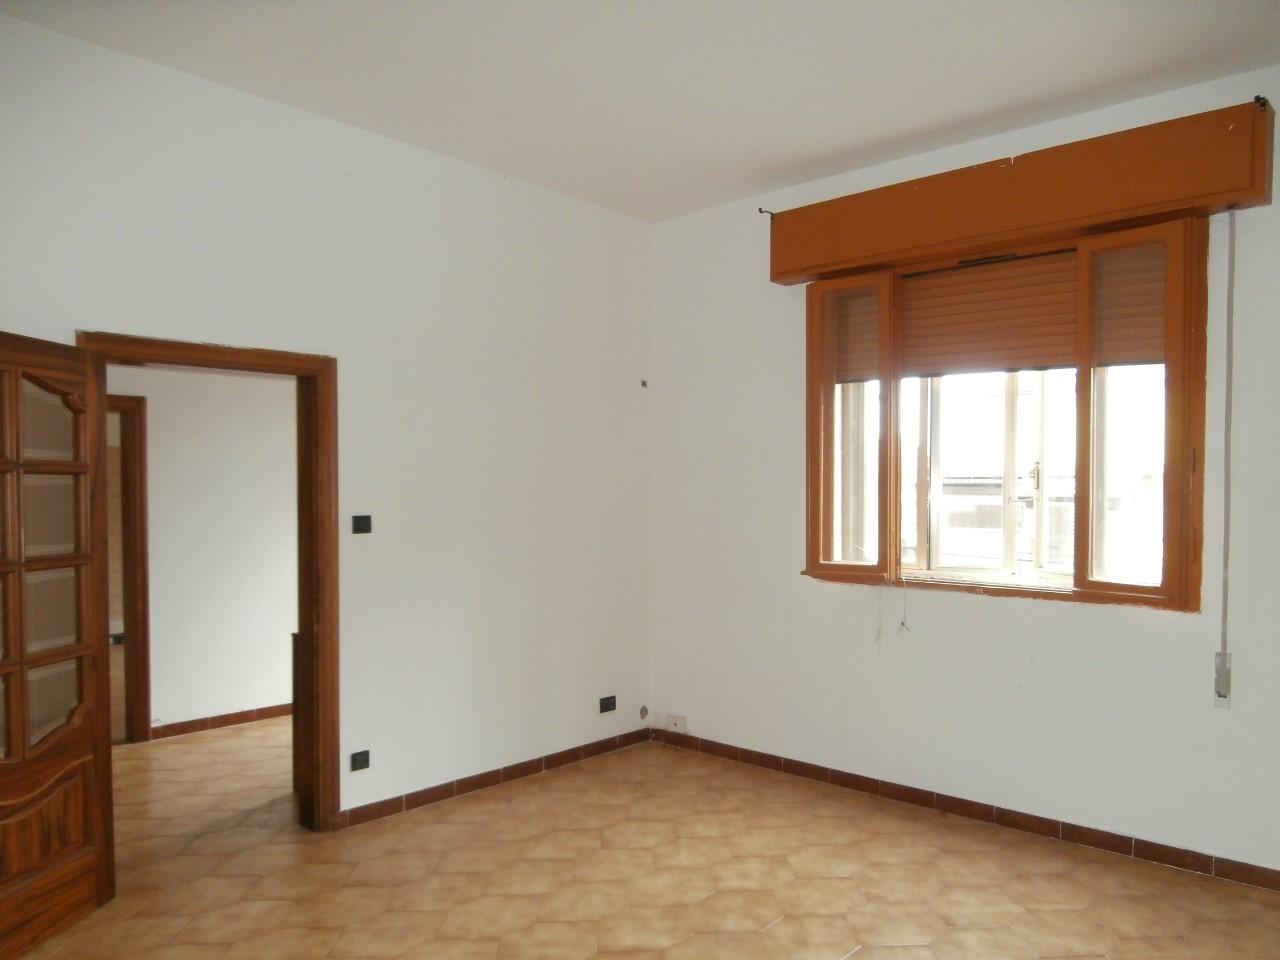 ferrara vendita quart: porotto-cassana bozzolani-immobiliare